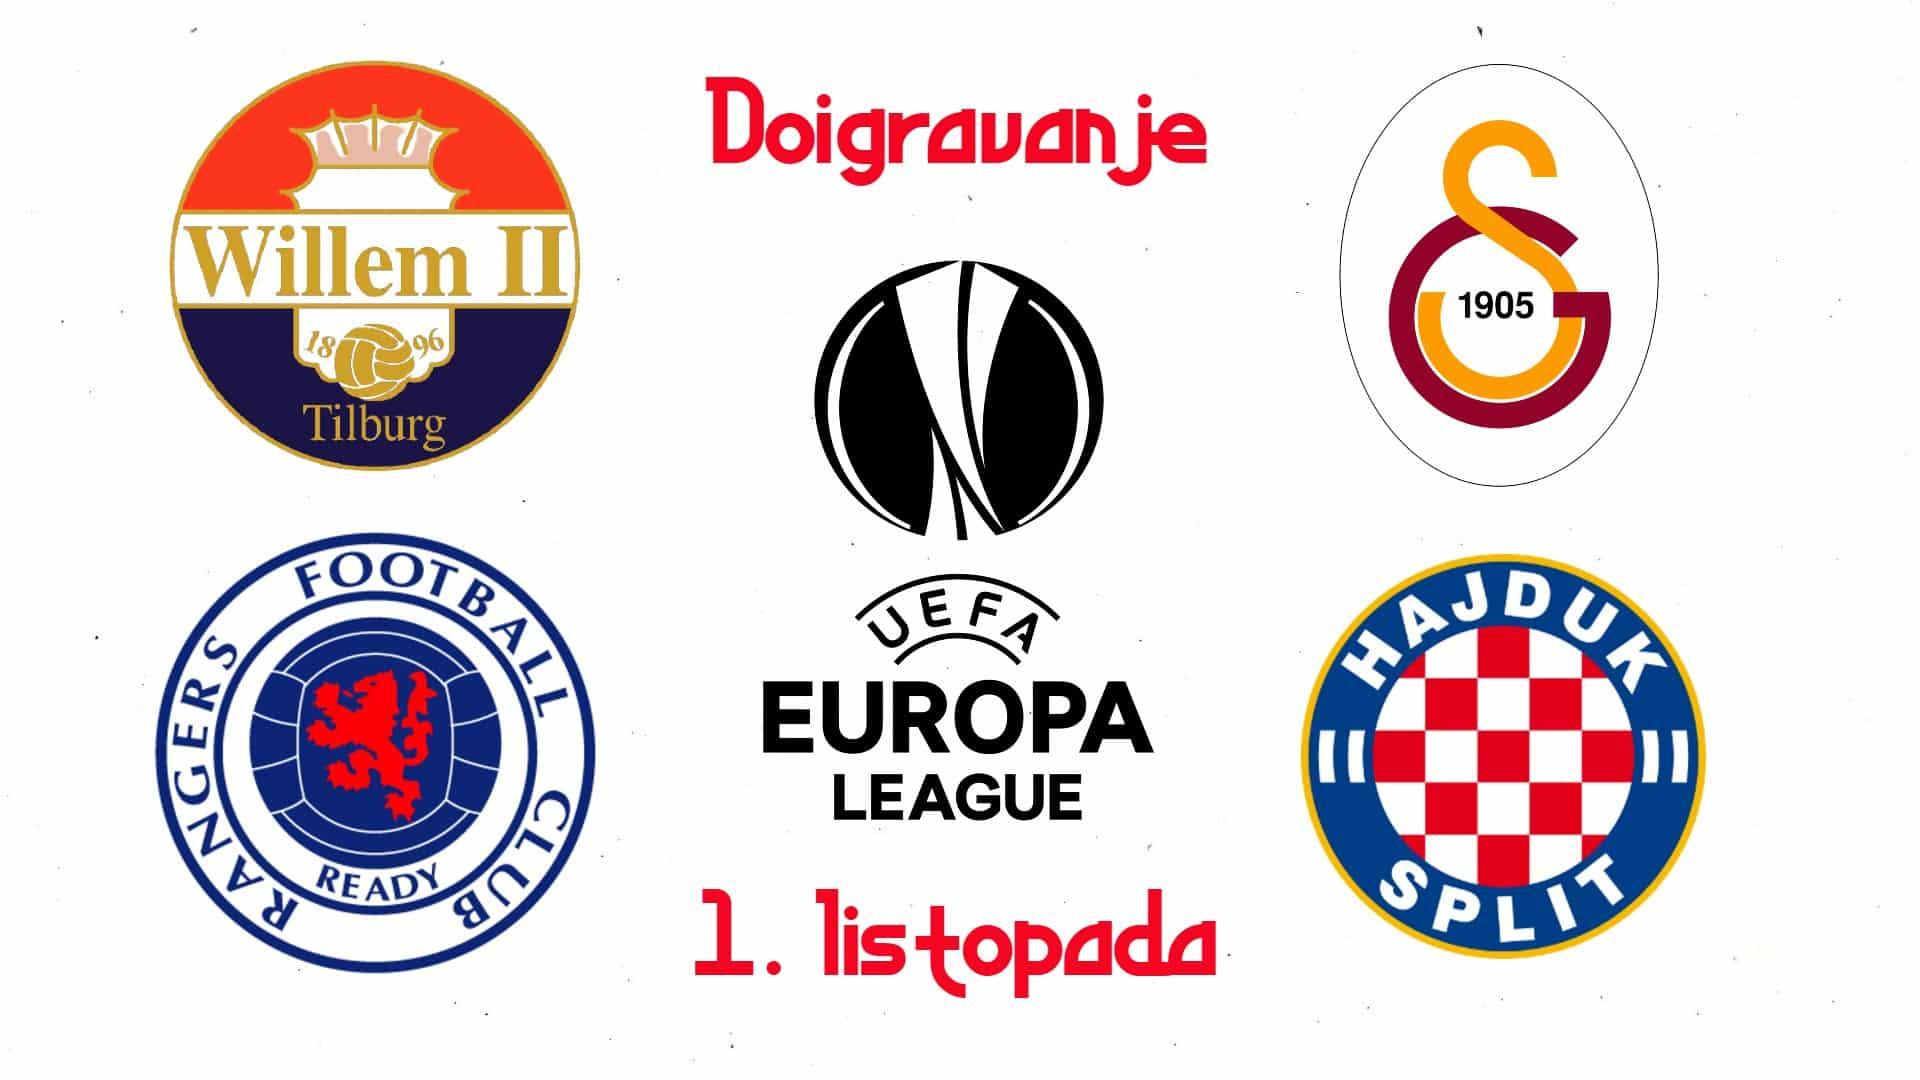 Moguć dvoboj protiv hrvatskog dvojca u doigravanju za EL! No, prvo treba proći – Galatasaray